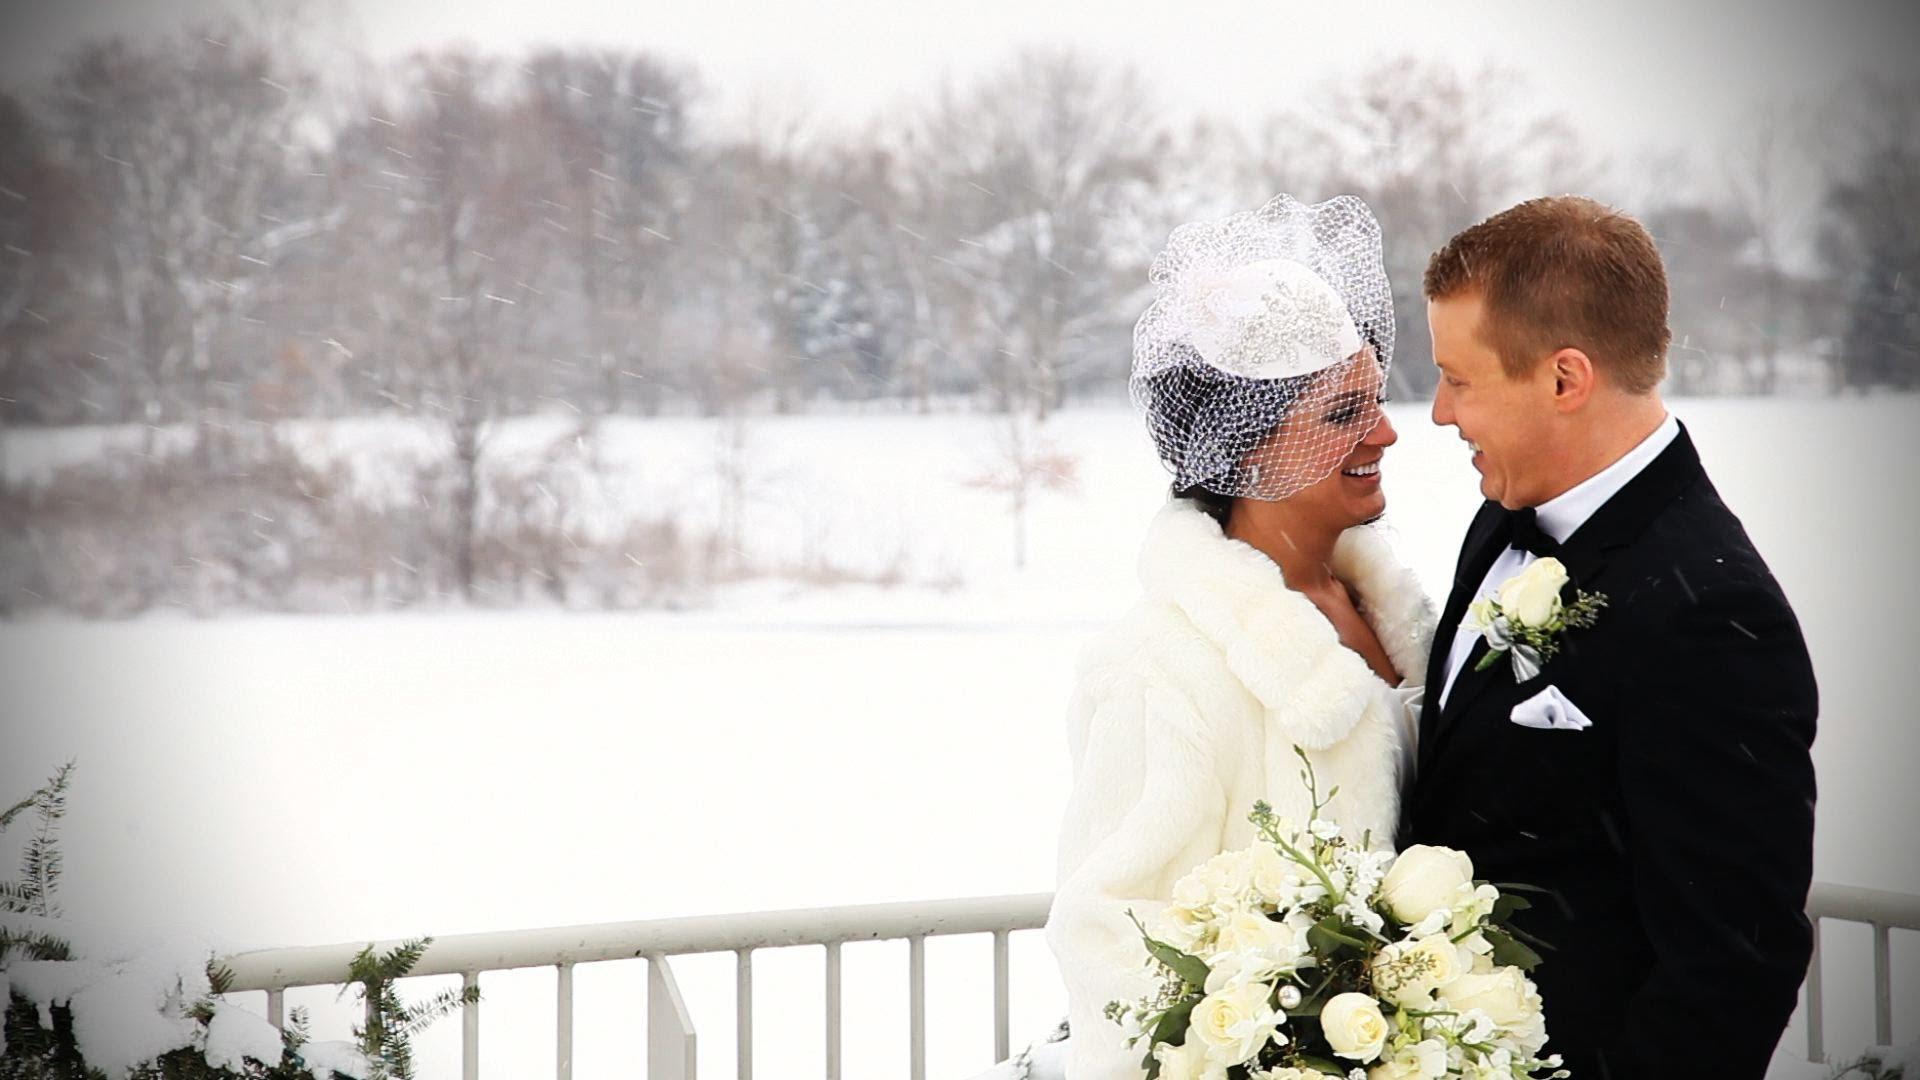 بالصور صور عرسان حلوه , اجمل صور للعروسين 3522 10